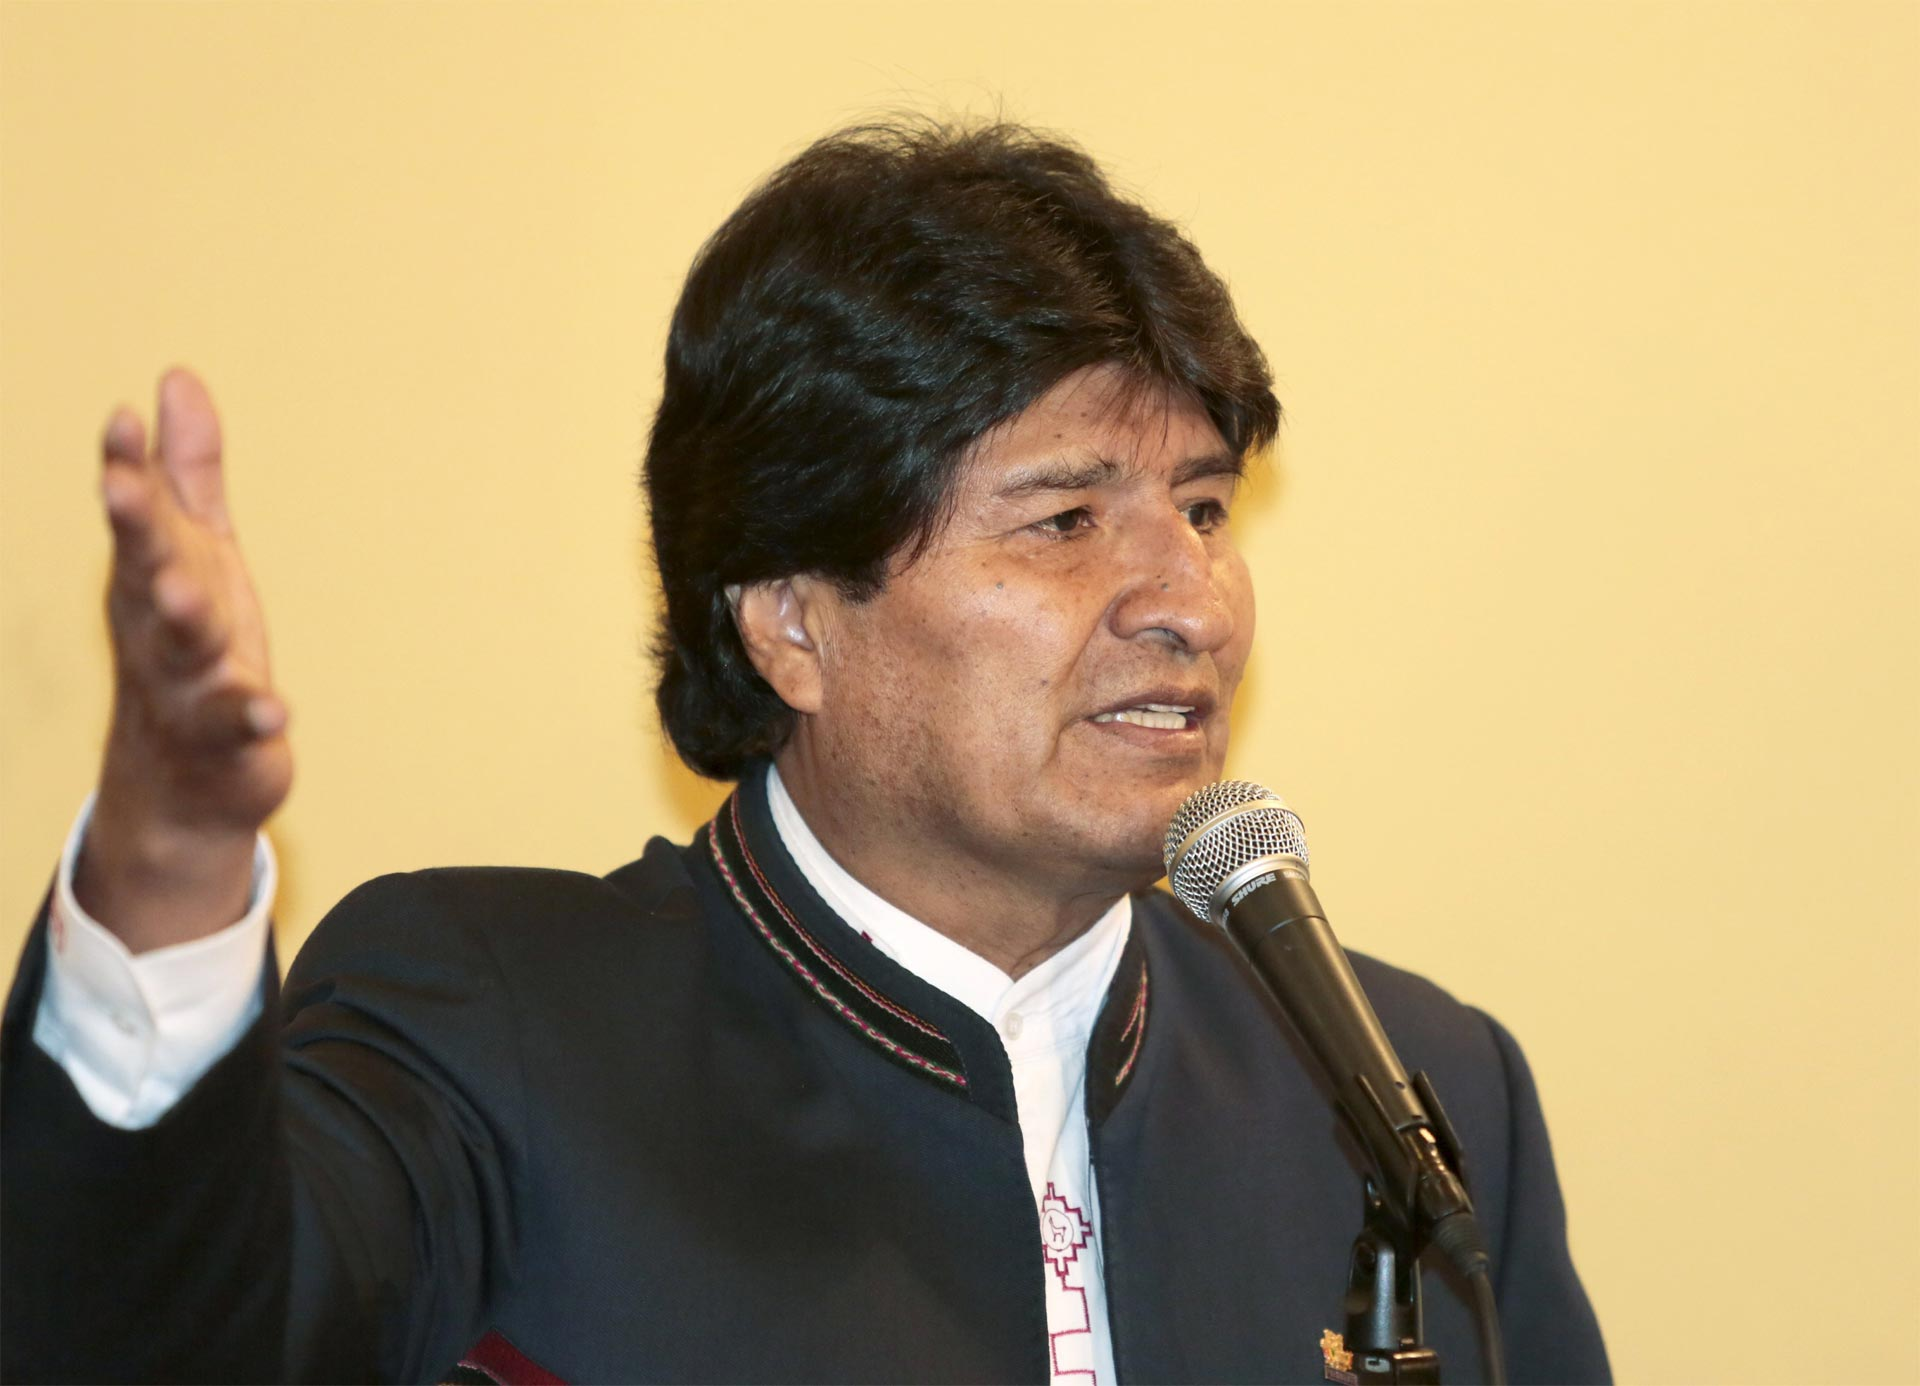 El presidente boliviano dice que solo reconocerá la información de la ONU